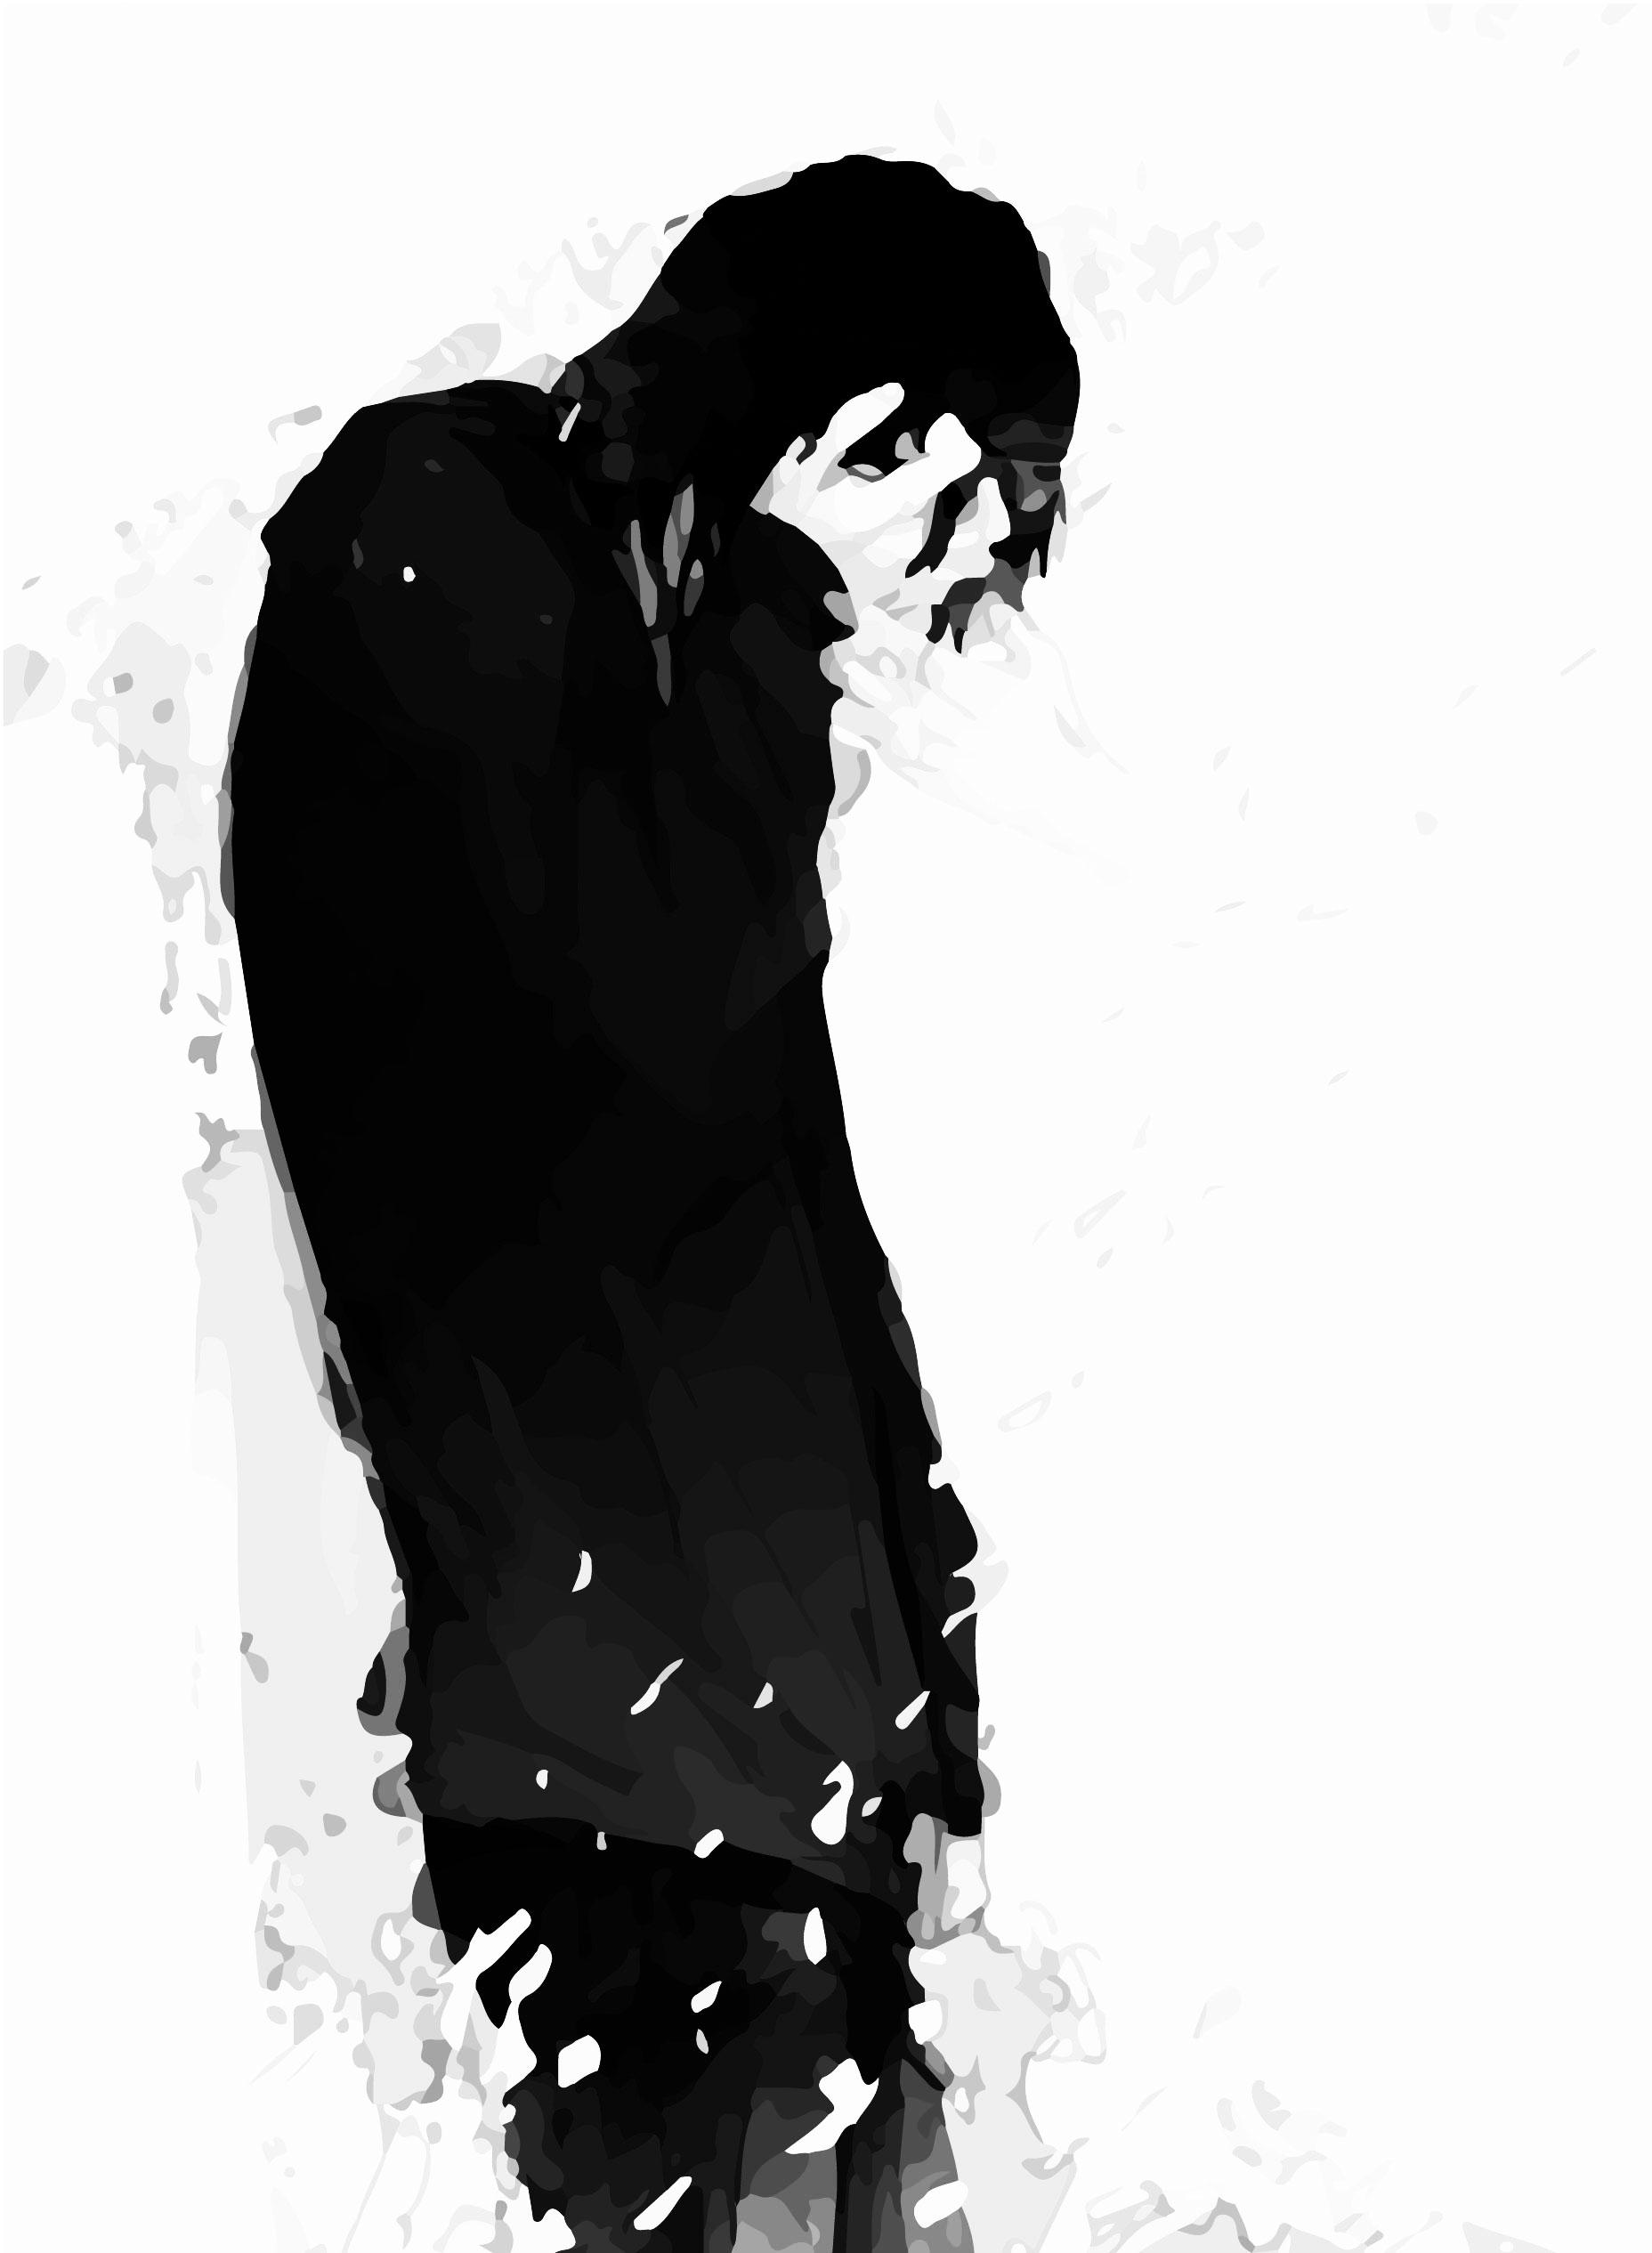 http://www.uplooder.net/img/image/60/bde4a4e9a44746855004355a144476b9/best-sad-anime-boy.jpg